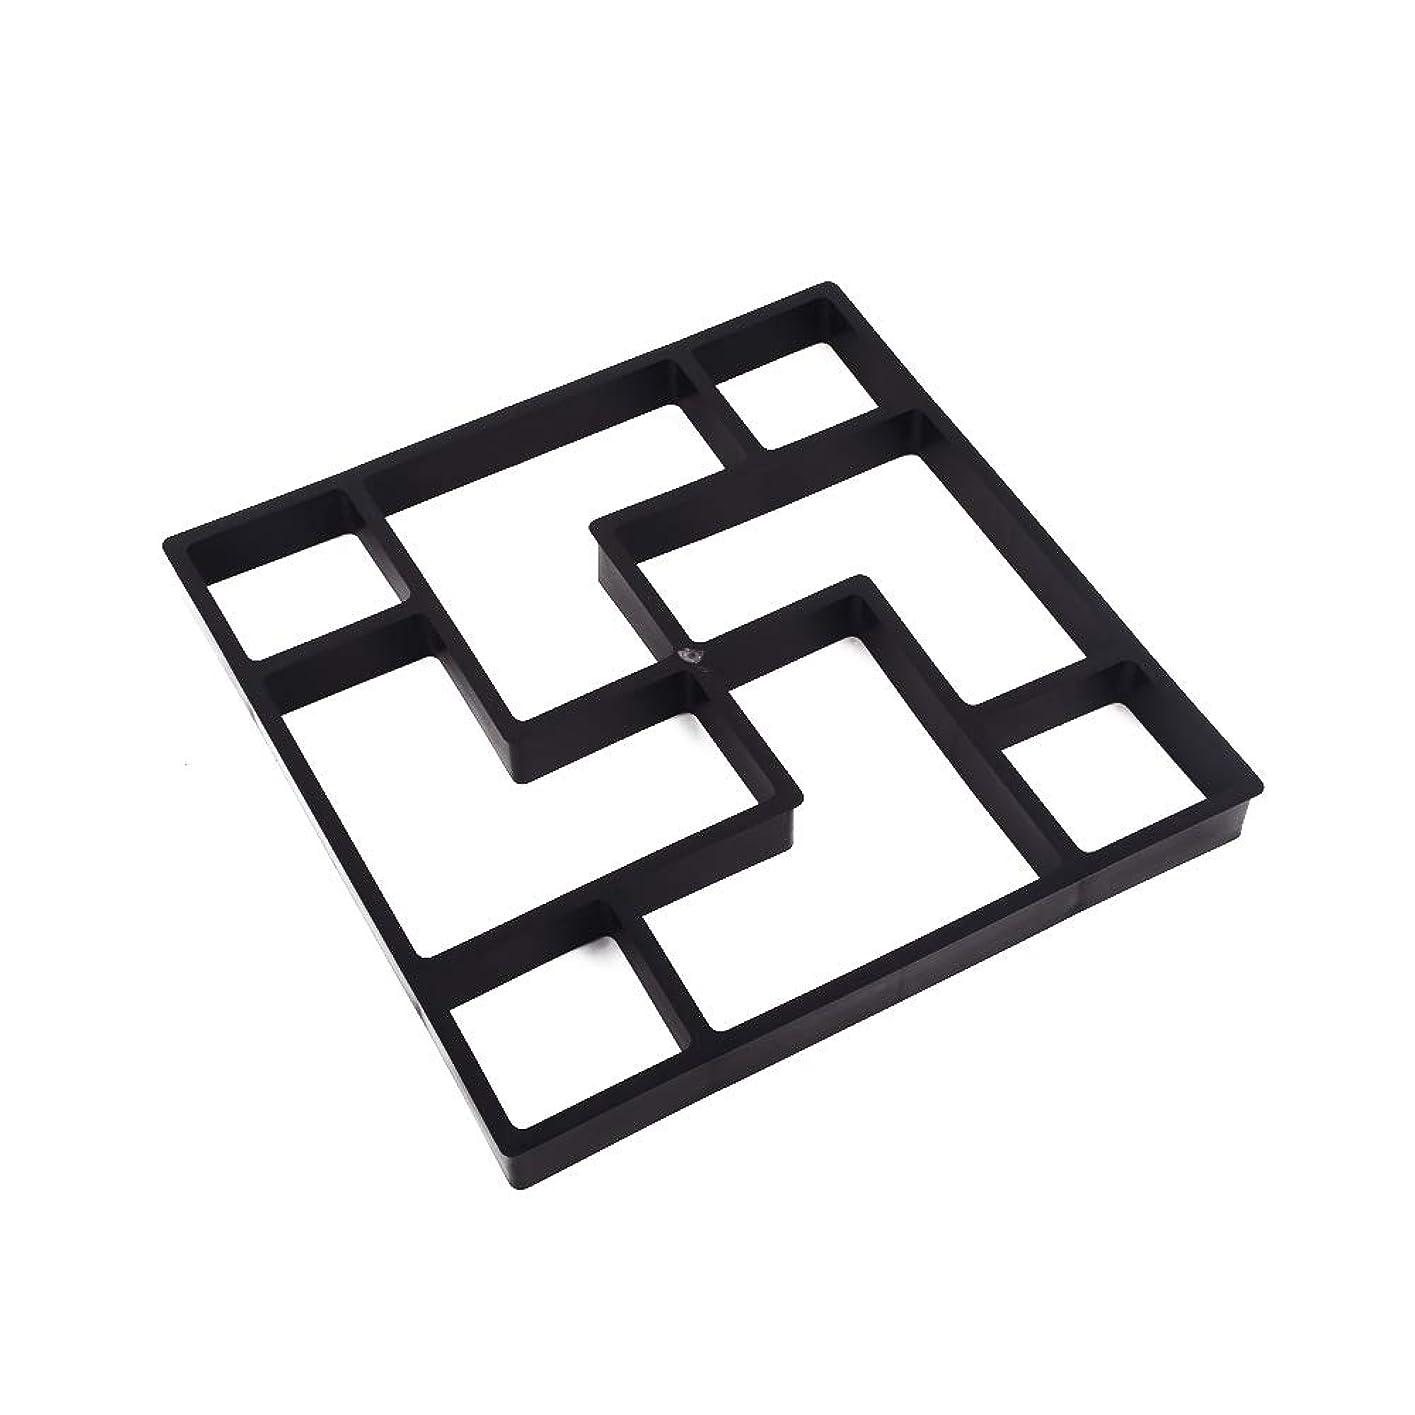 異常抜け目のない焦がすHaihuic ウォークメーカー DIYコンクリート型 再利用可能なパスメーカー ステッピングストーンペーバー 歩道舗装モールド 芝生パティオヤードガーデン用